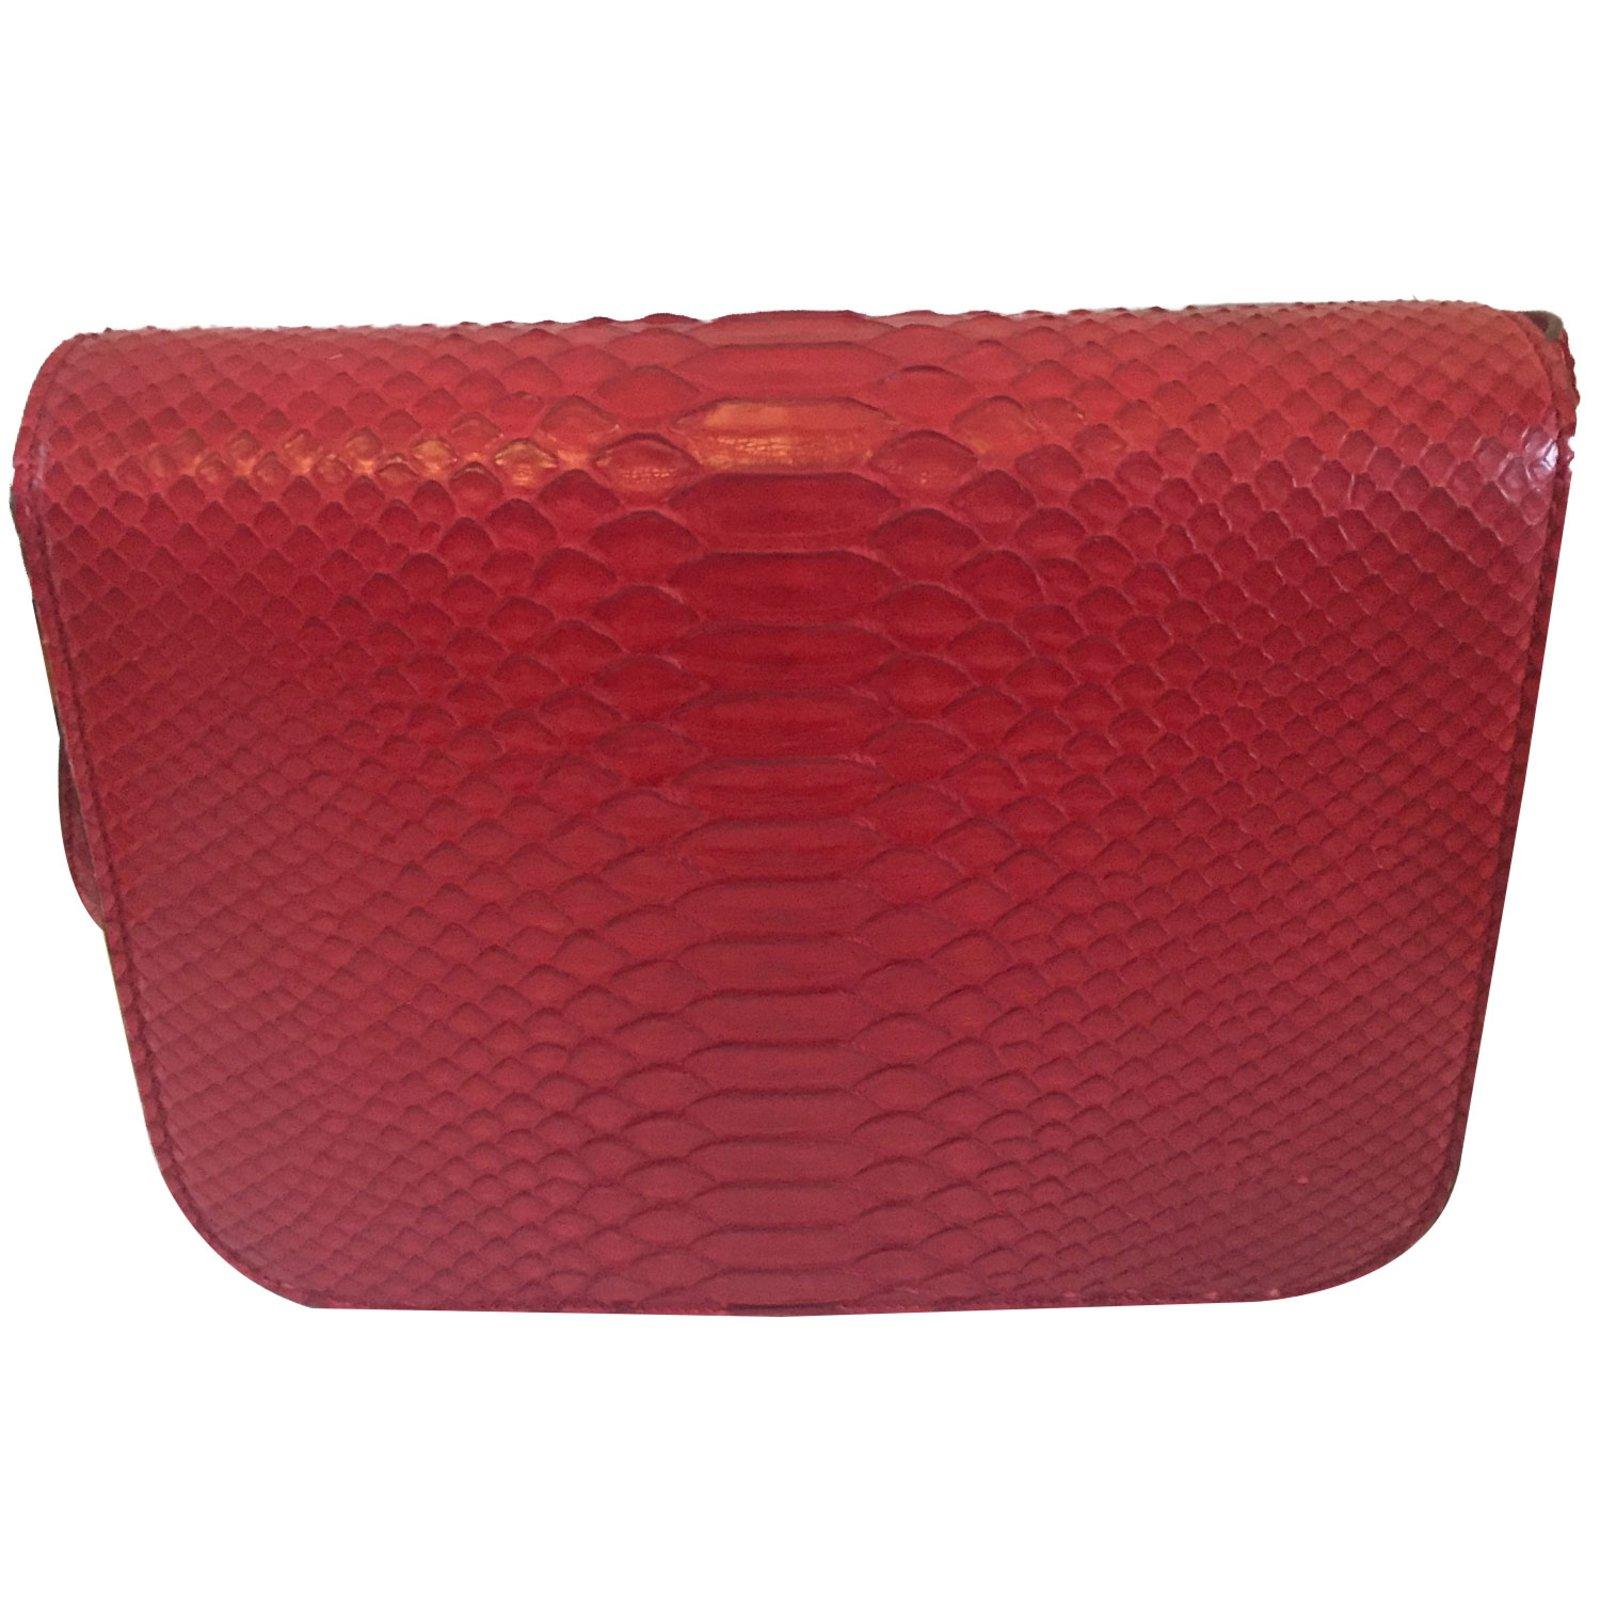 6fa5204abf48 Sacs à main Céline Classic Box en python rouge Cuirs exotiques Rouge ref.86220  - Joli Closet